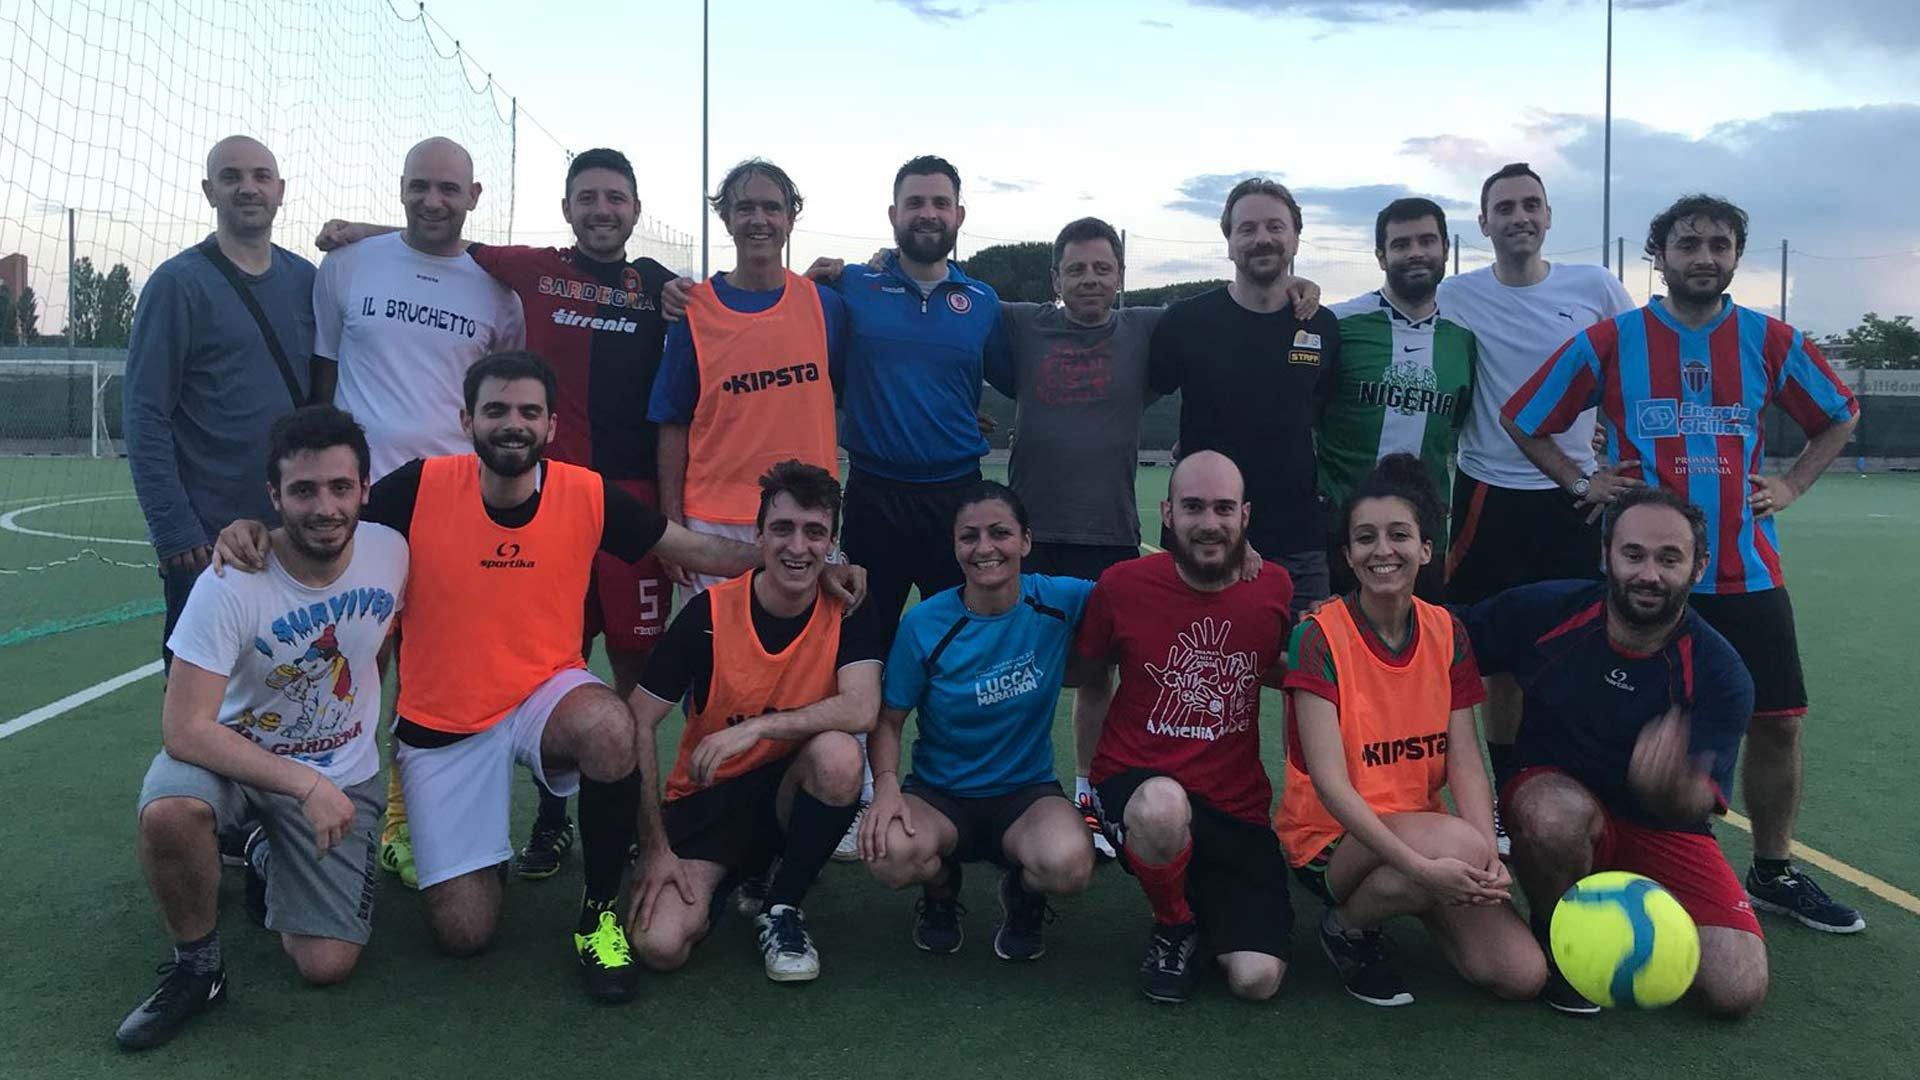 Life in Extra | I calciatori